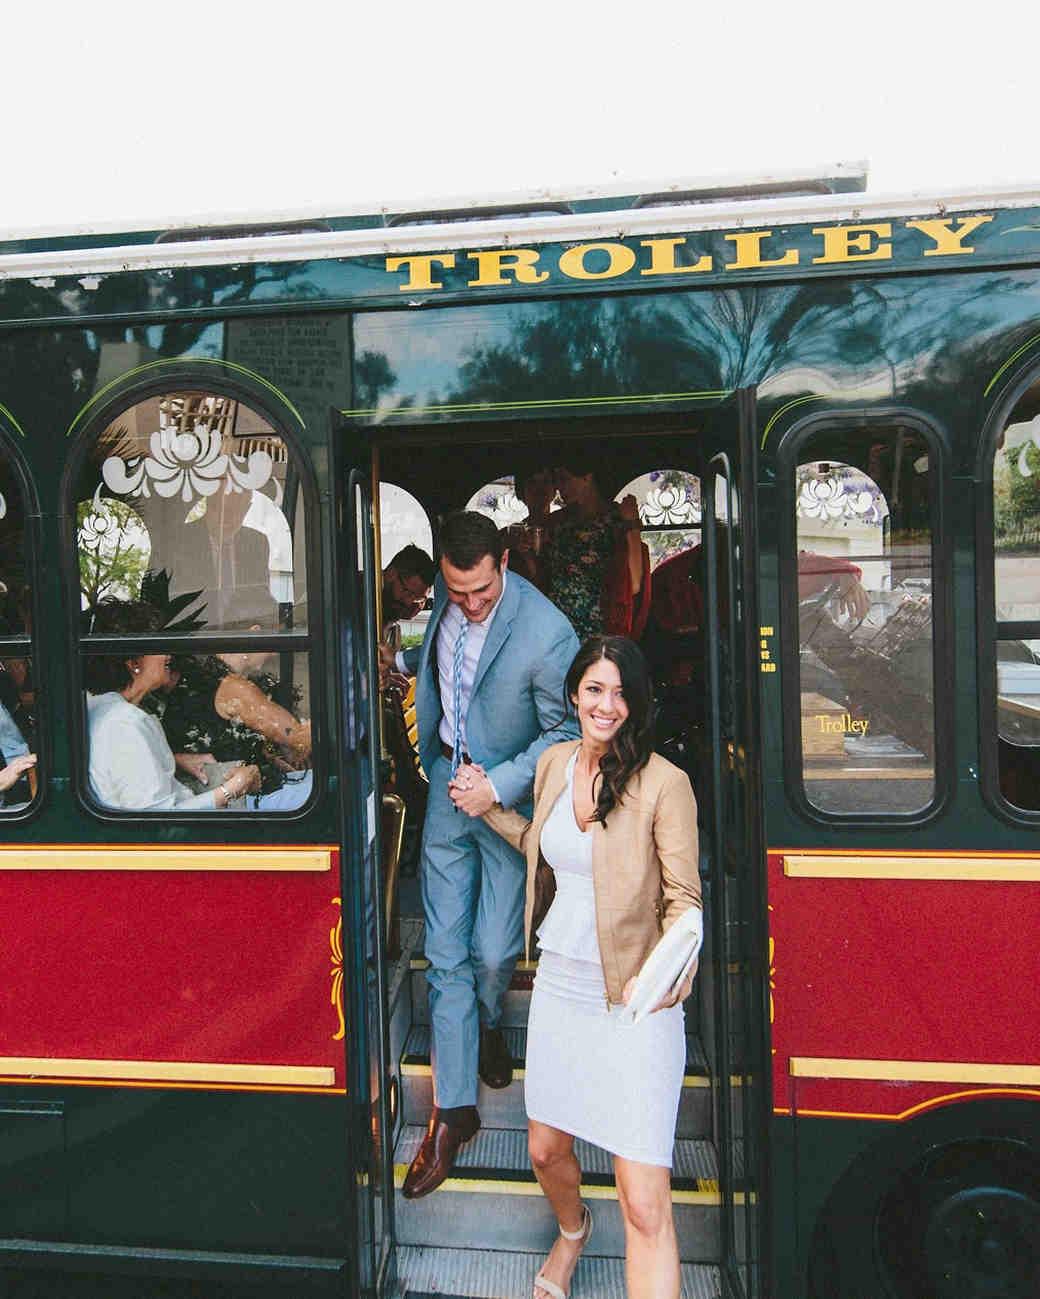 wedding-weekend-ideas-local-transportation-trolley-0416.jpg